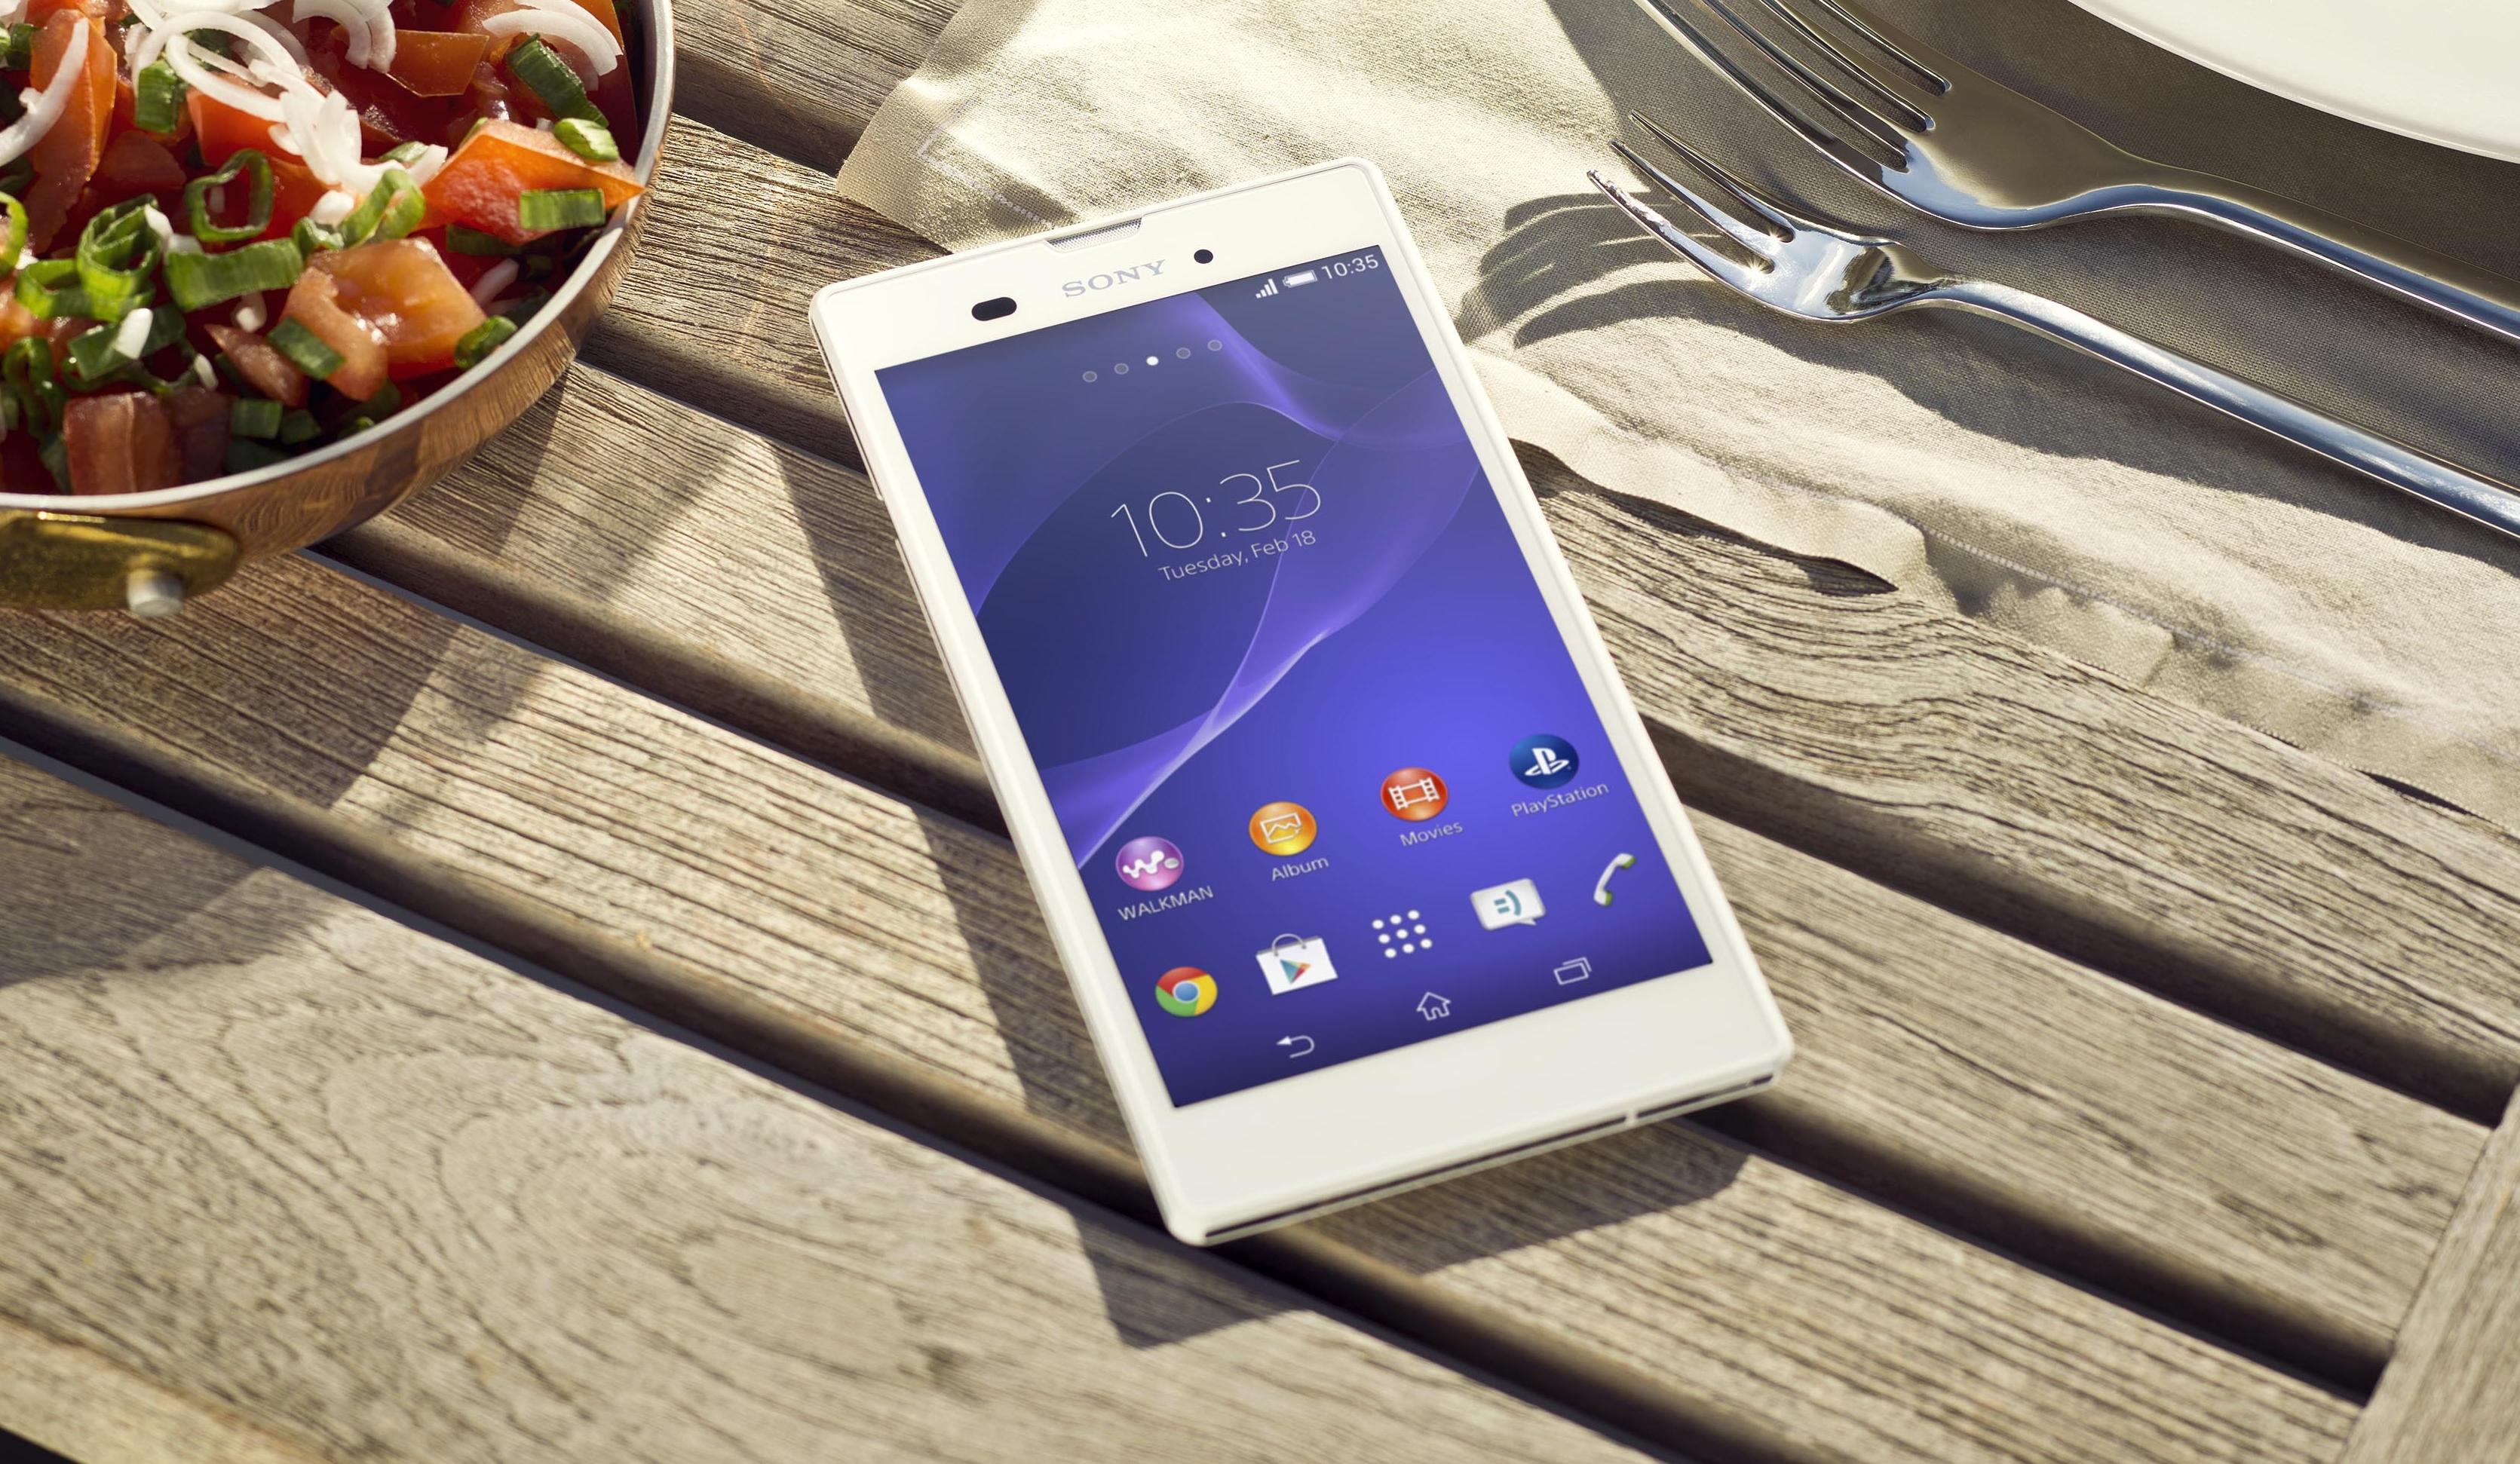 Smukły gigant od Sony – debiutuje Xperia T3